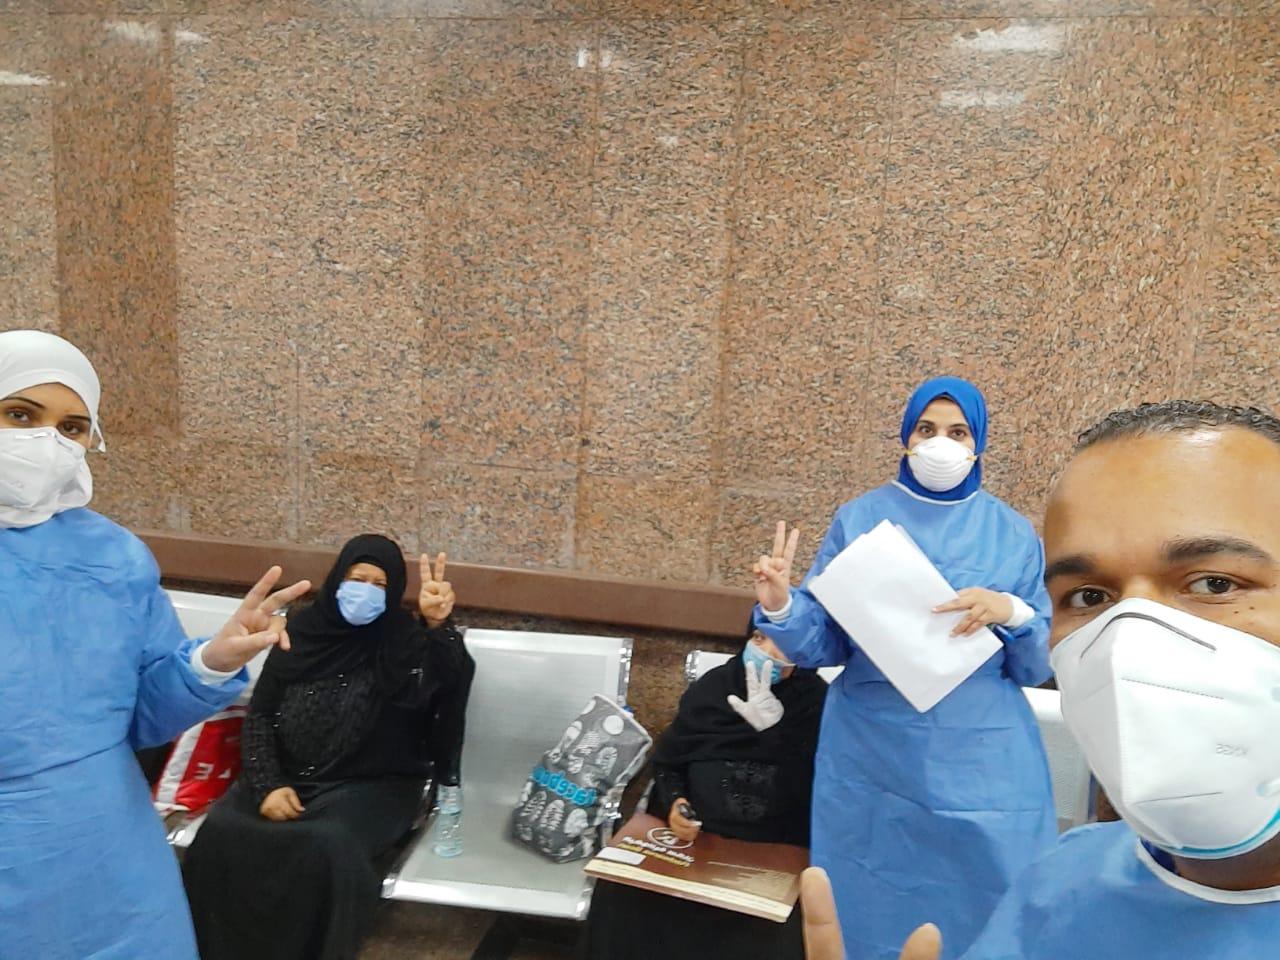 مستشفى الأقصر العام تشهد خروج 10 حالات بعد شفاؤهم من فيروس كورونا (10)